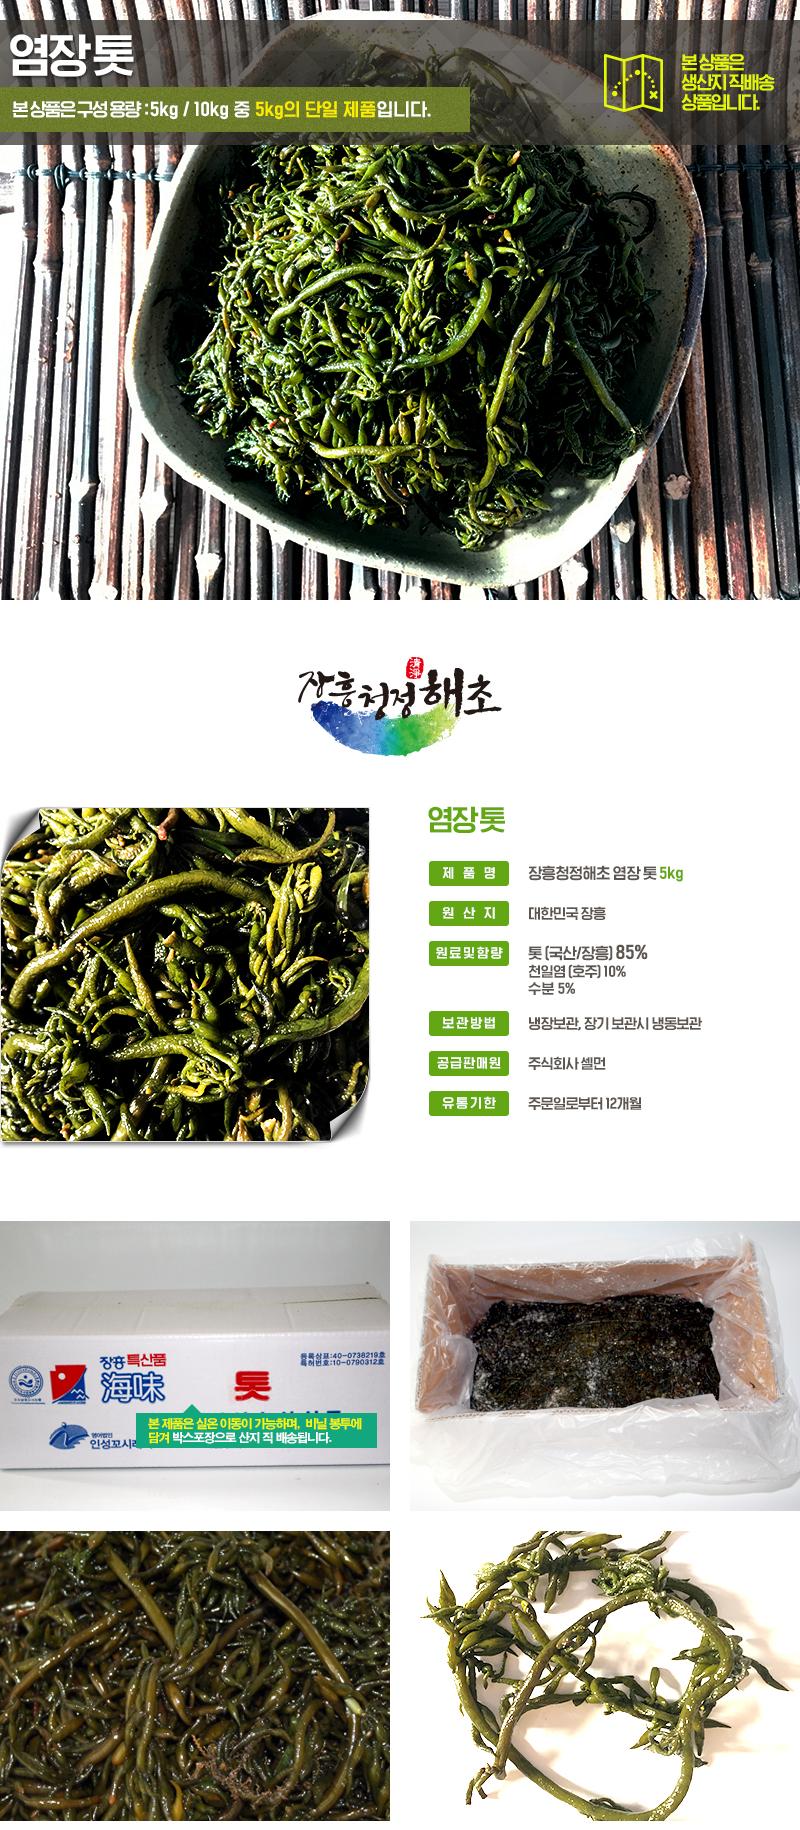 [장흥청정해초] 염장 톳 5kg